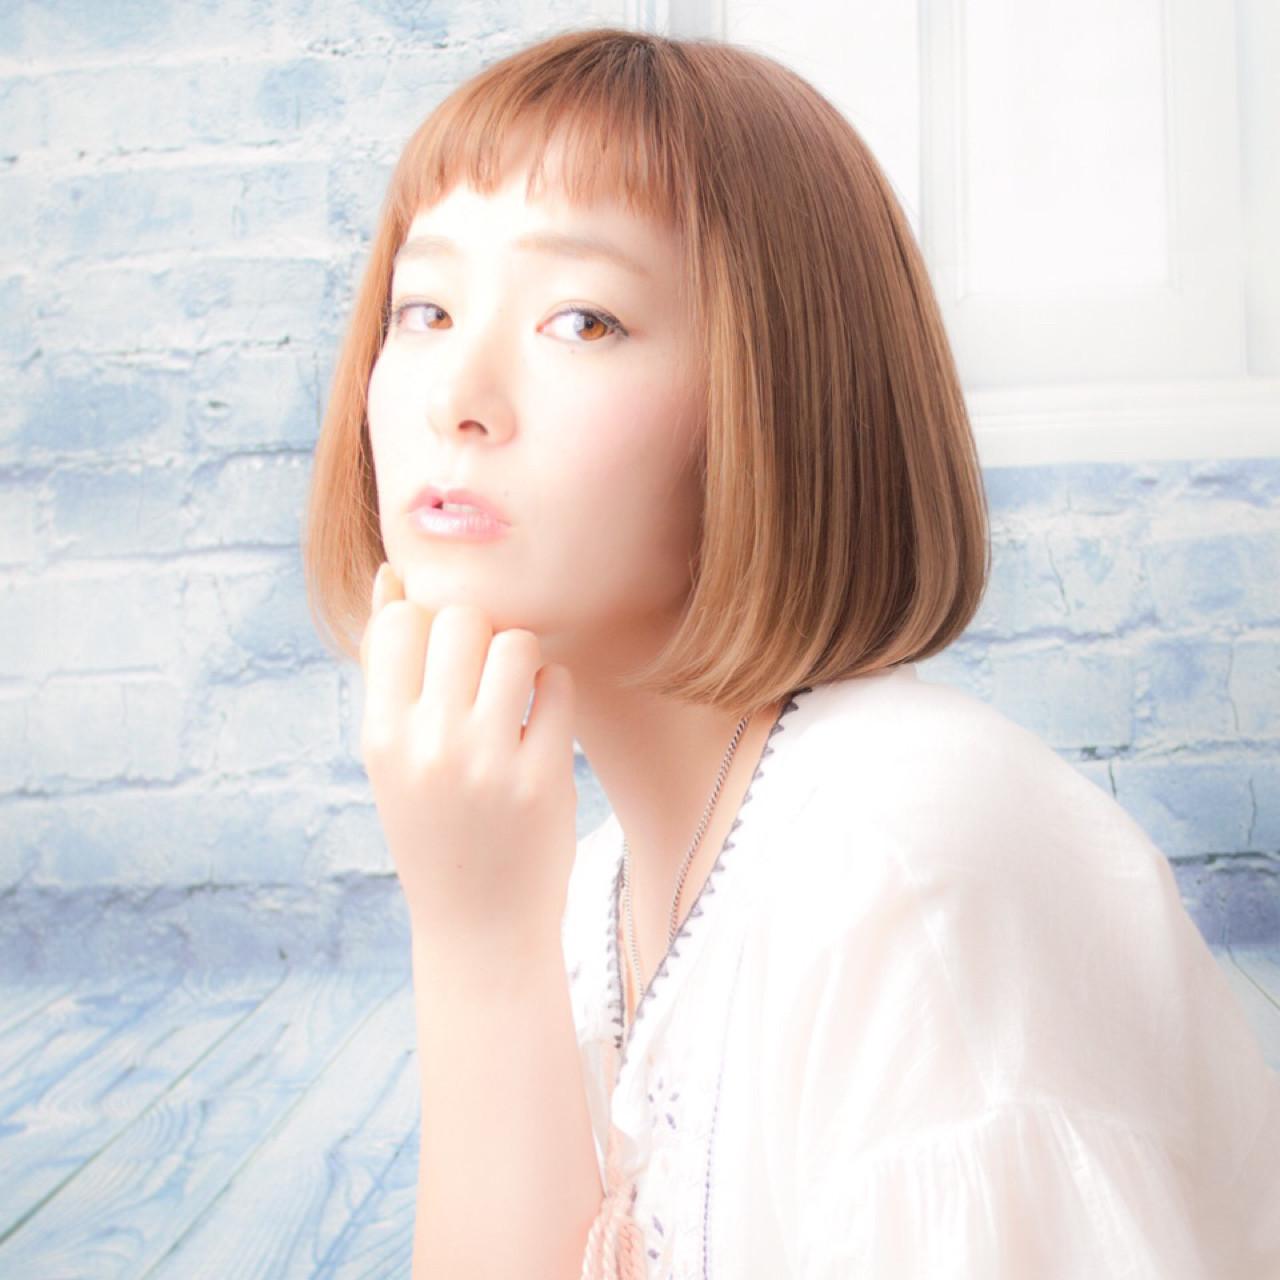 可愛いからハンサムまで♡ワンレン×ショートボブの髪型スタイル antiquepomme/yokohama